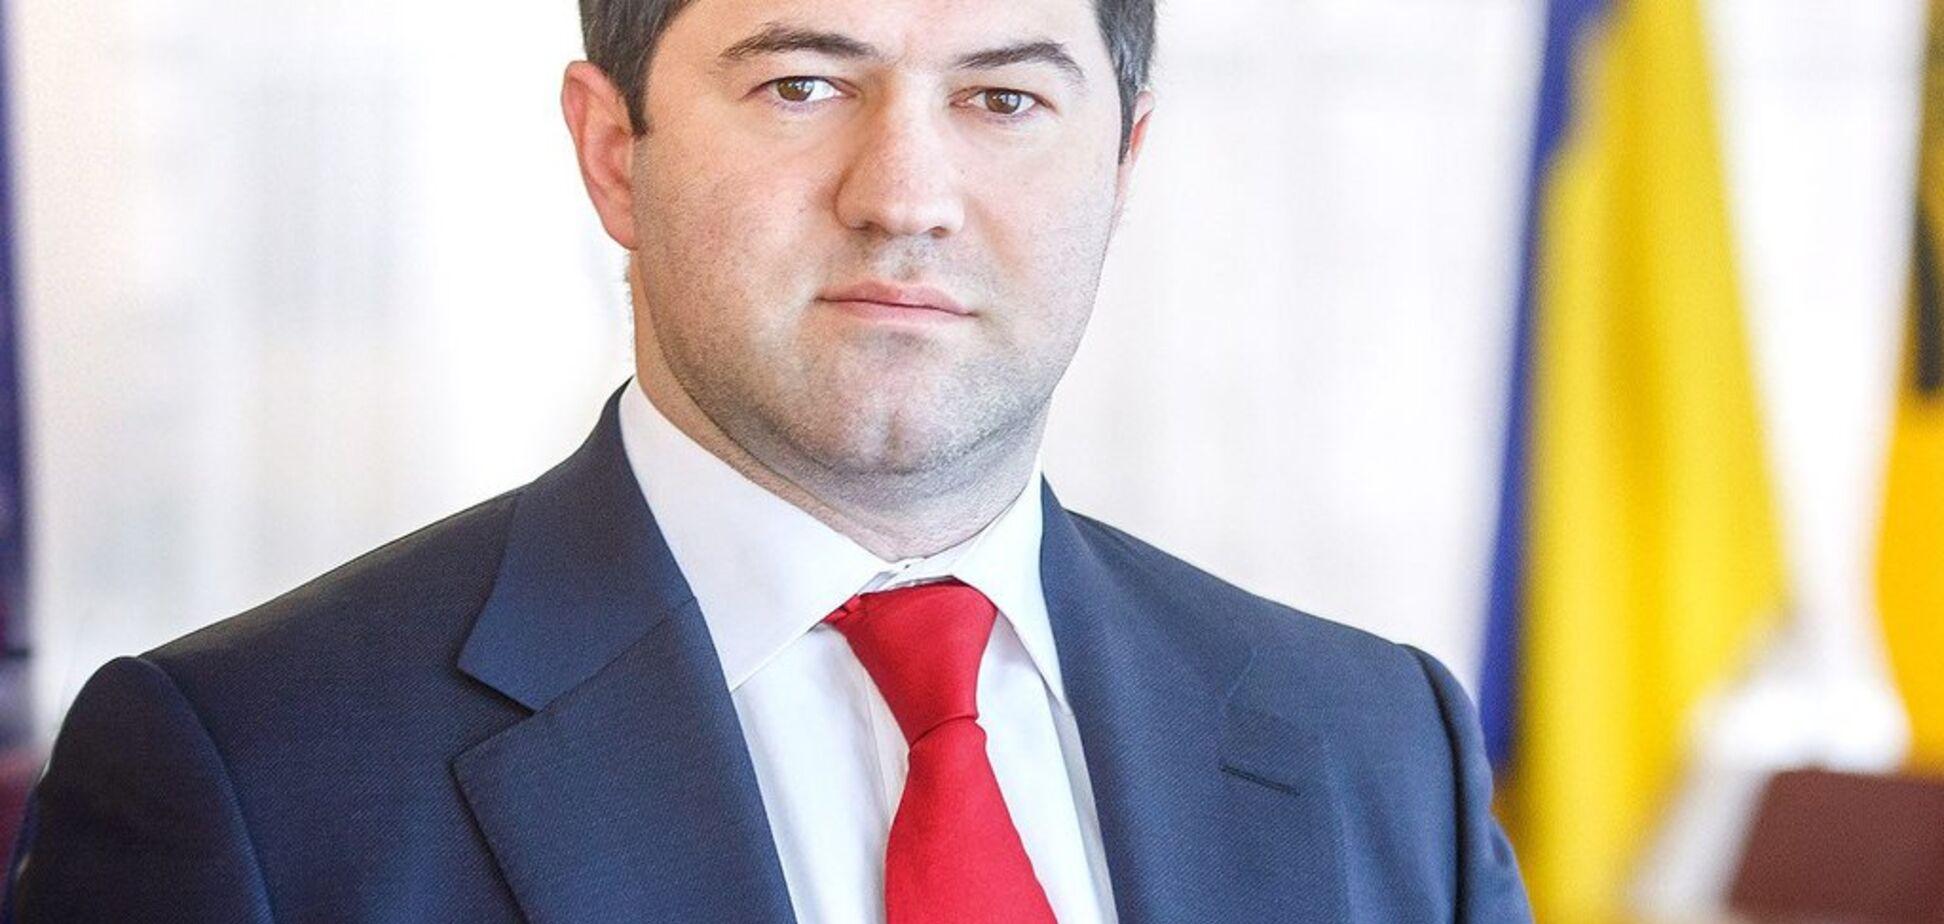 Детективы НАБУ незаконно закрывают дела против своих коллег – Насиров